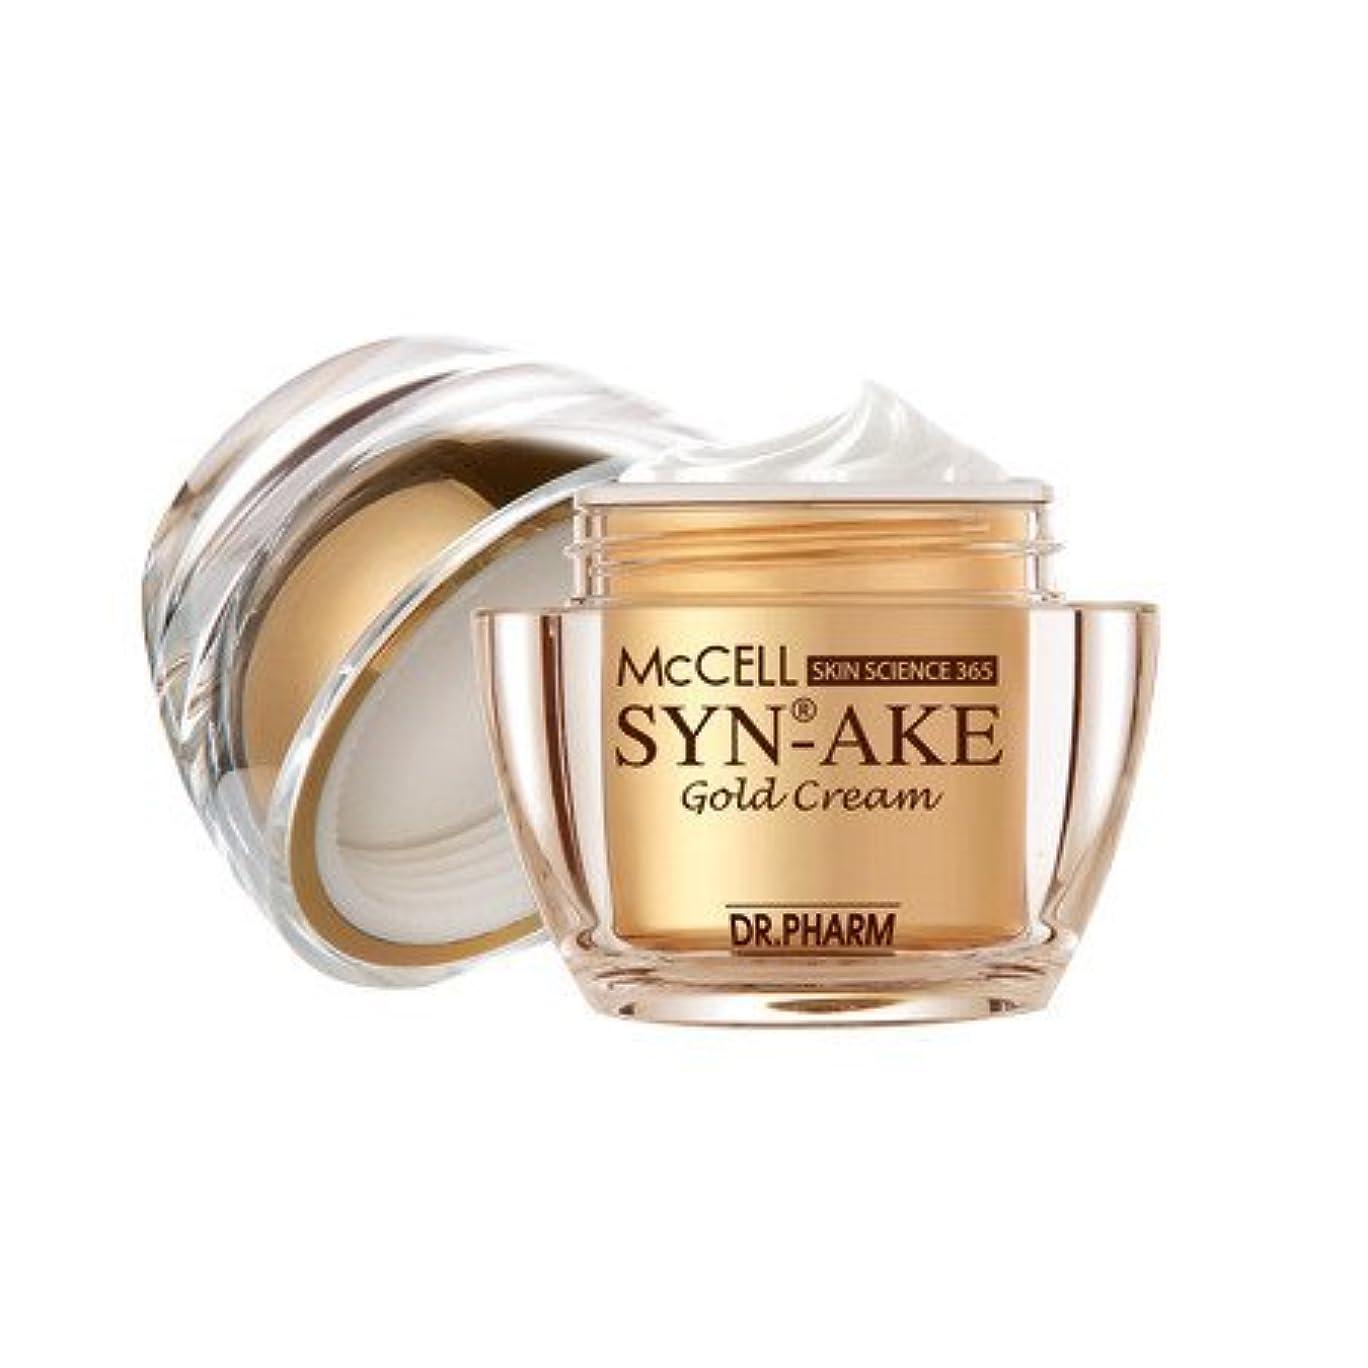 牽引ボート充電Dr.Pharm マクセルスキンサイエンス365シネイクゴールドクリーム McCELL Synake gold cream